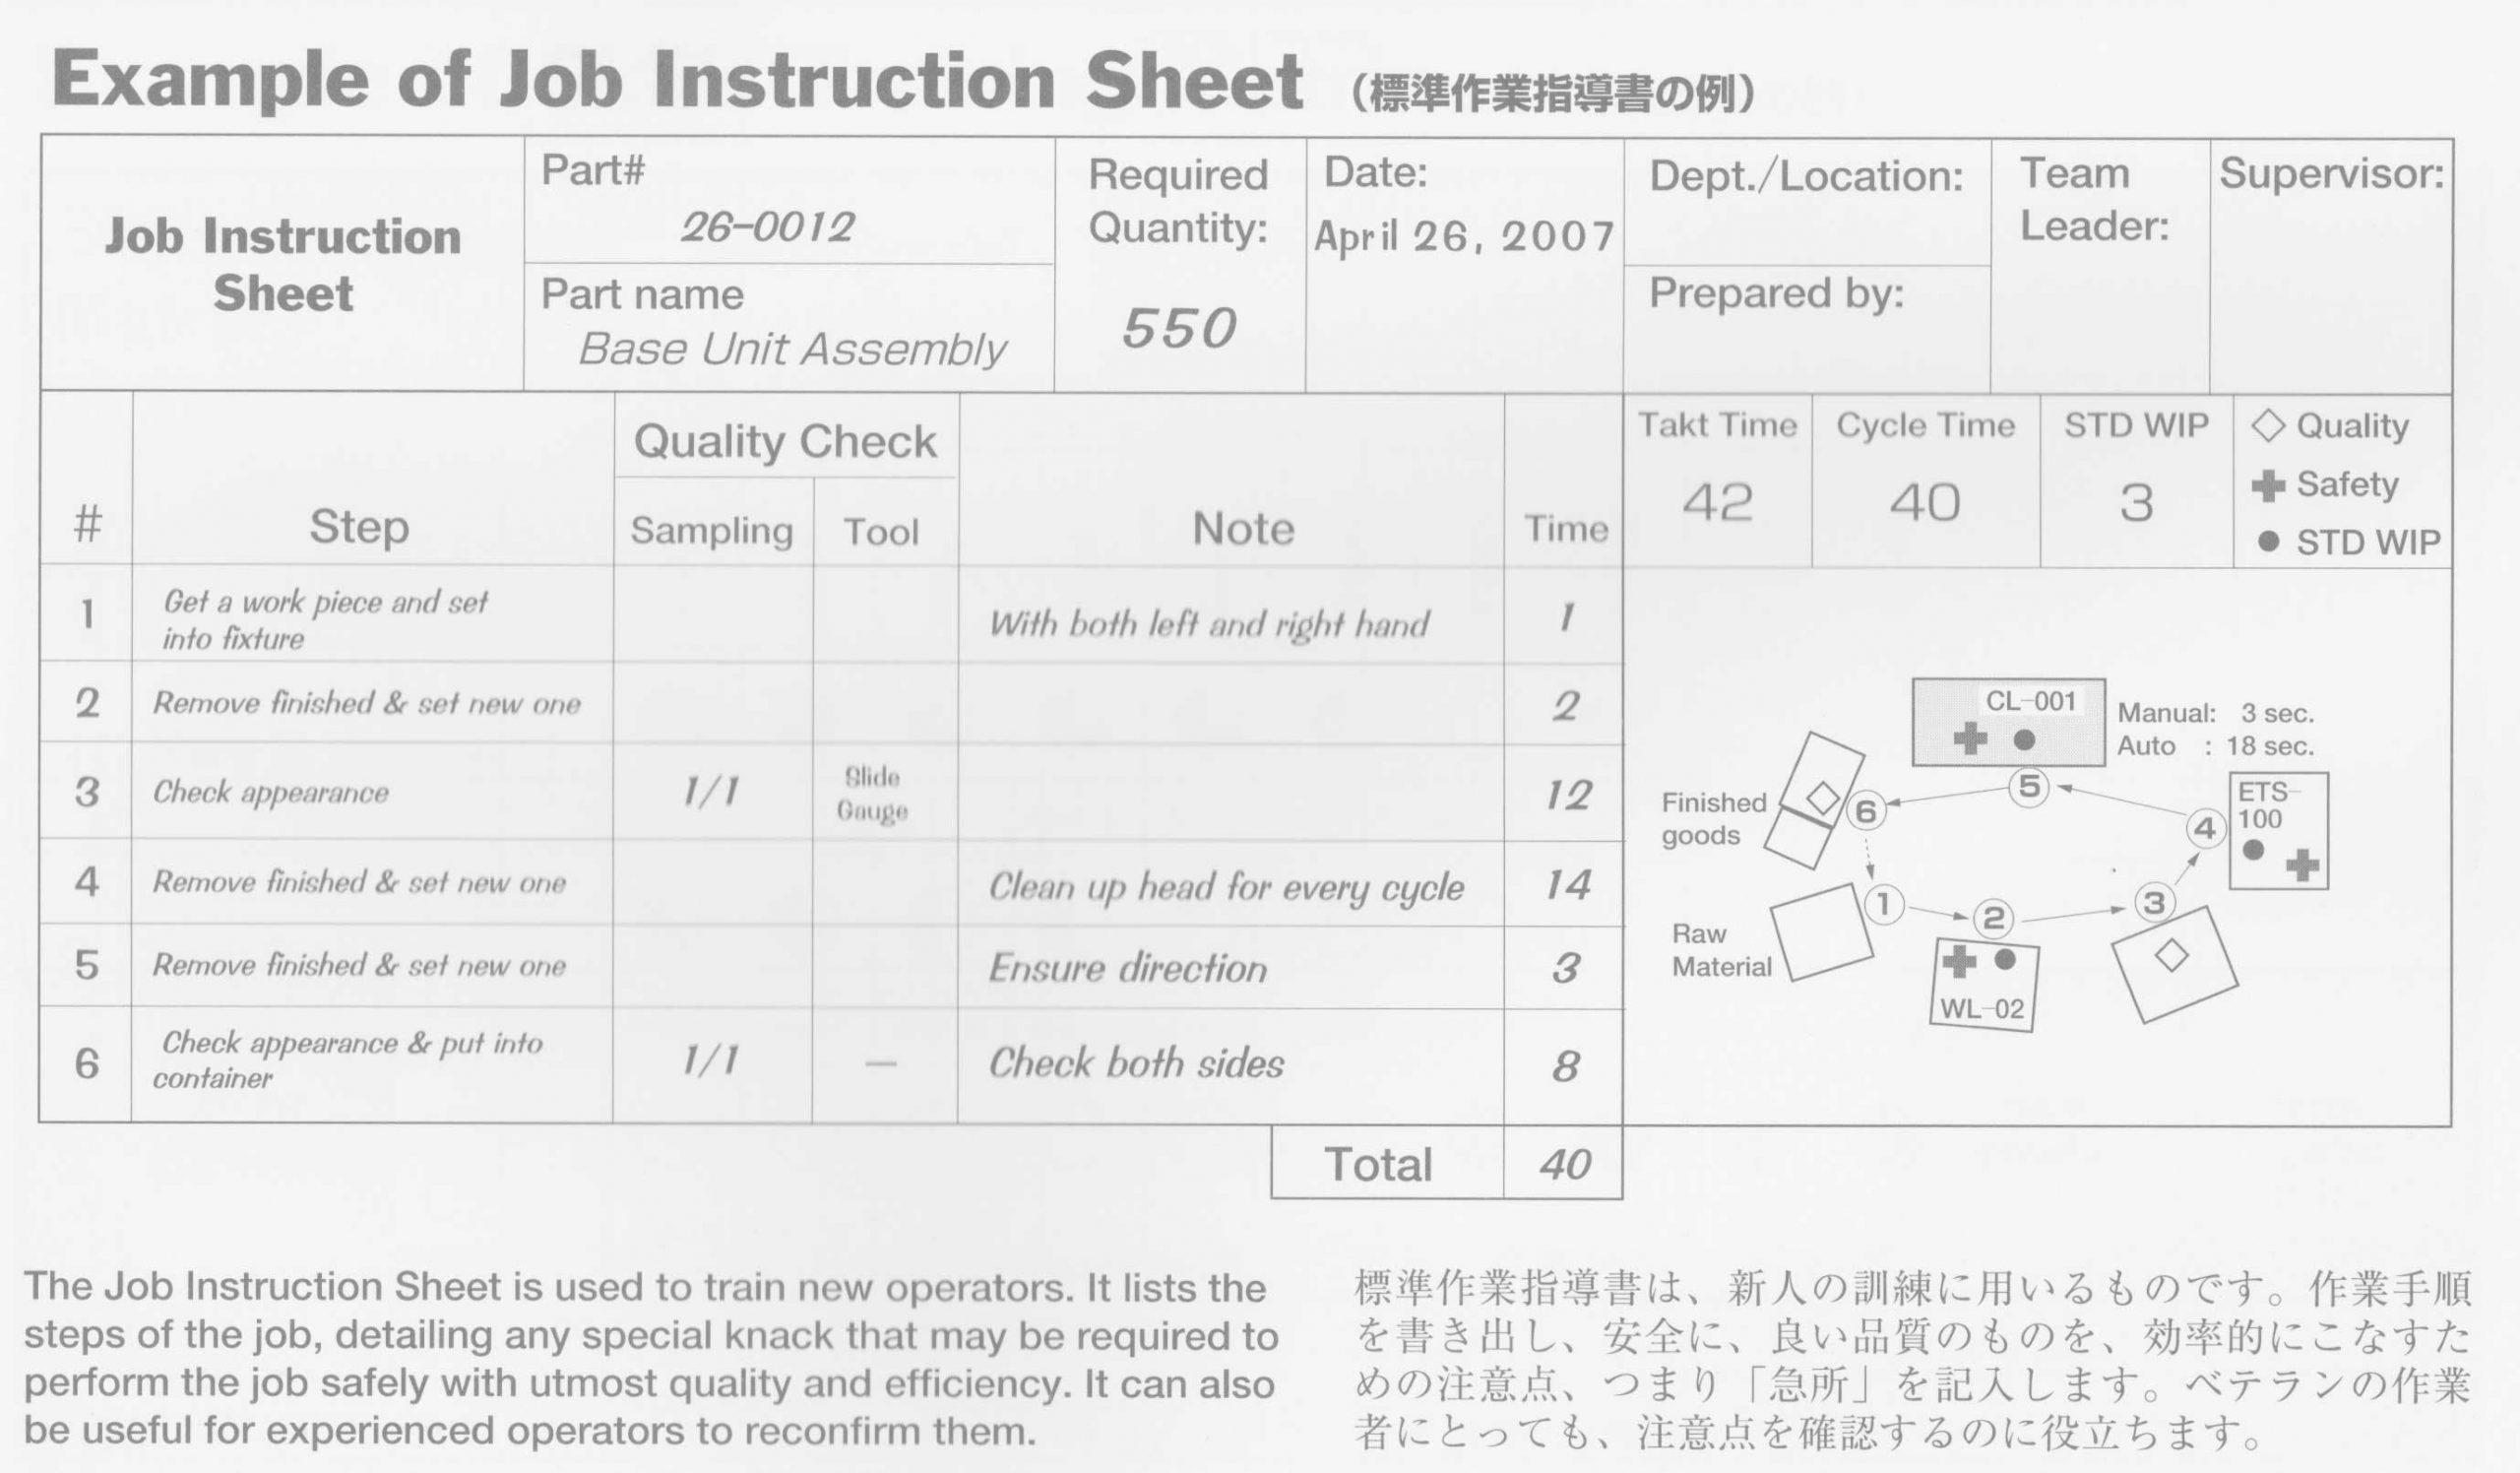 Entenda como padronizar procedimentos com a Folha de Instrução de Trabalho